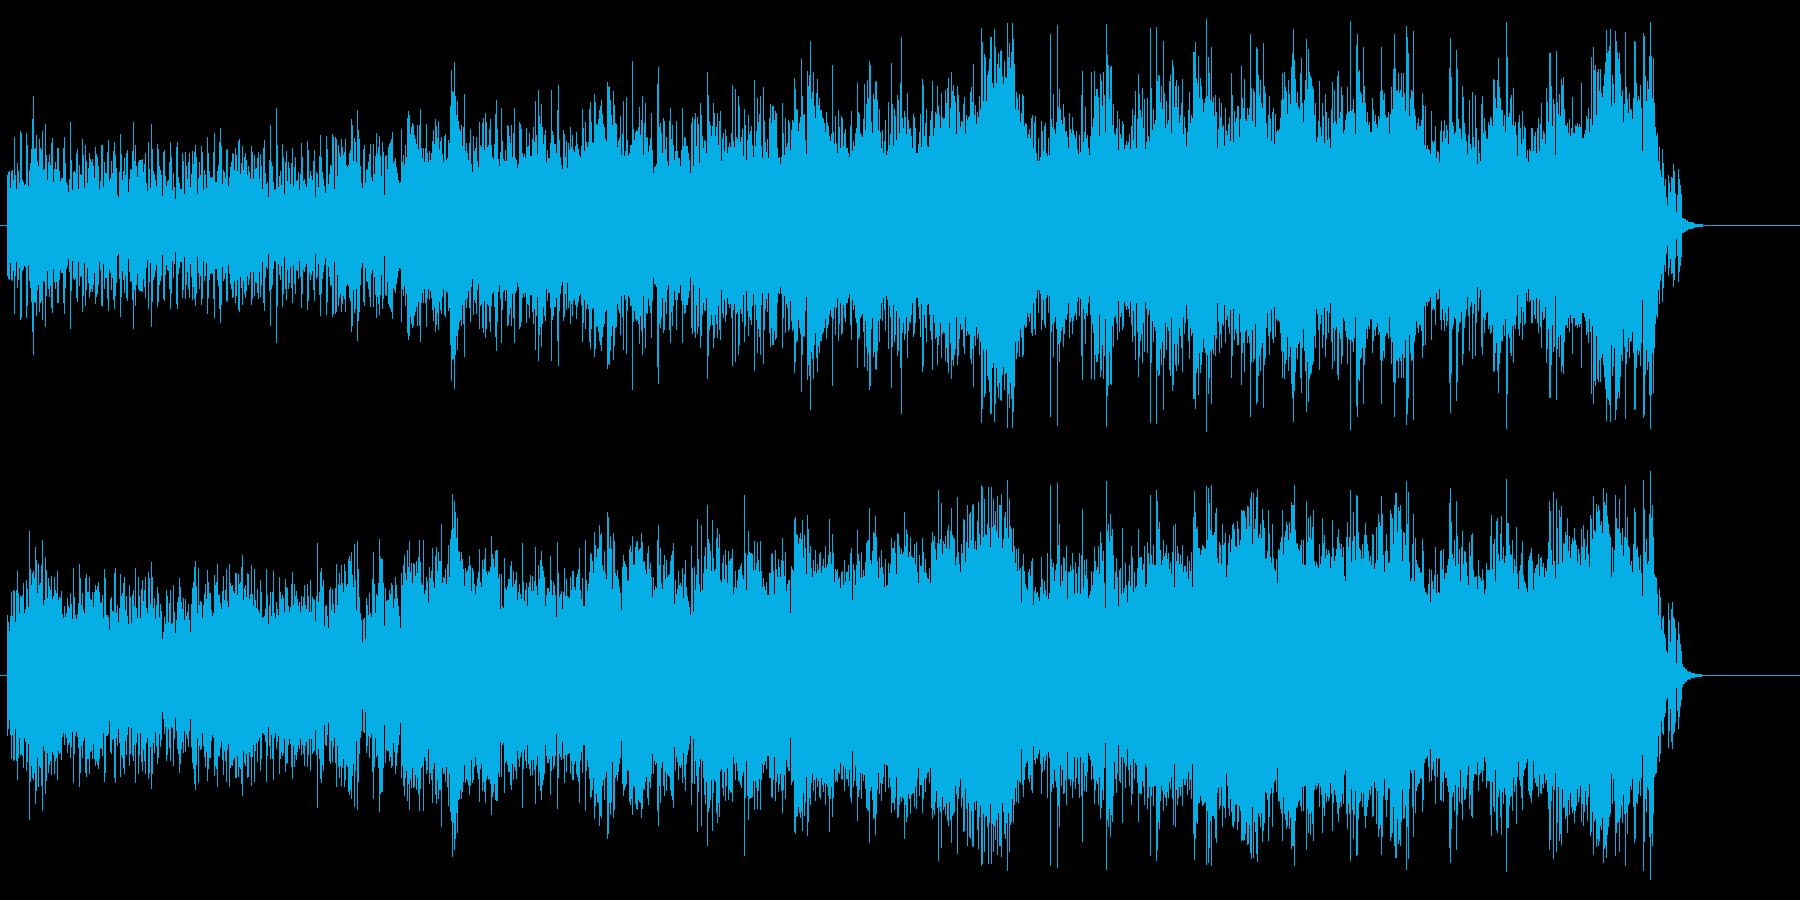 重たさをつきぬけてゆく感動の場面の再生済みの波形